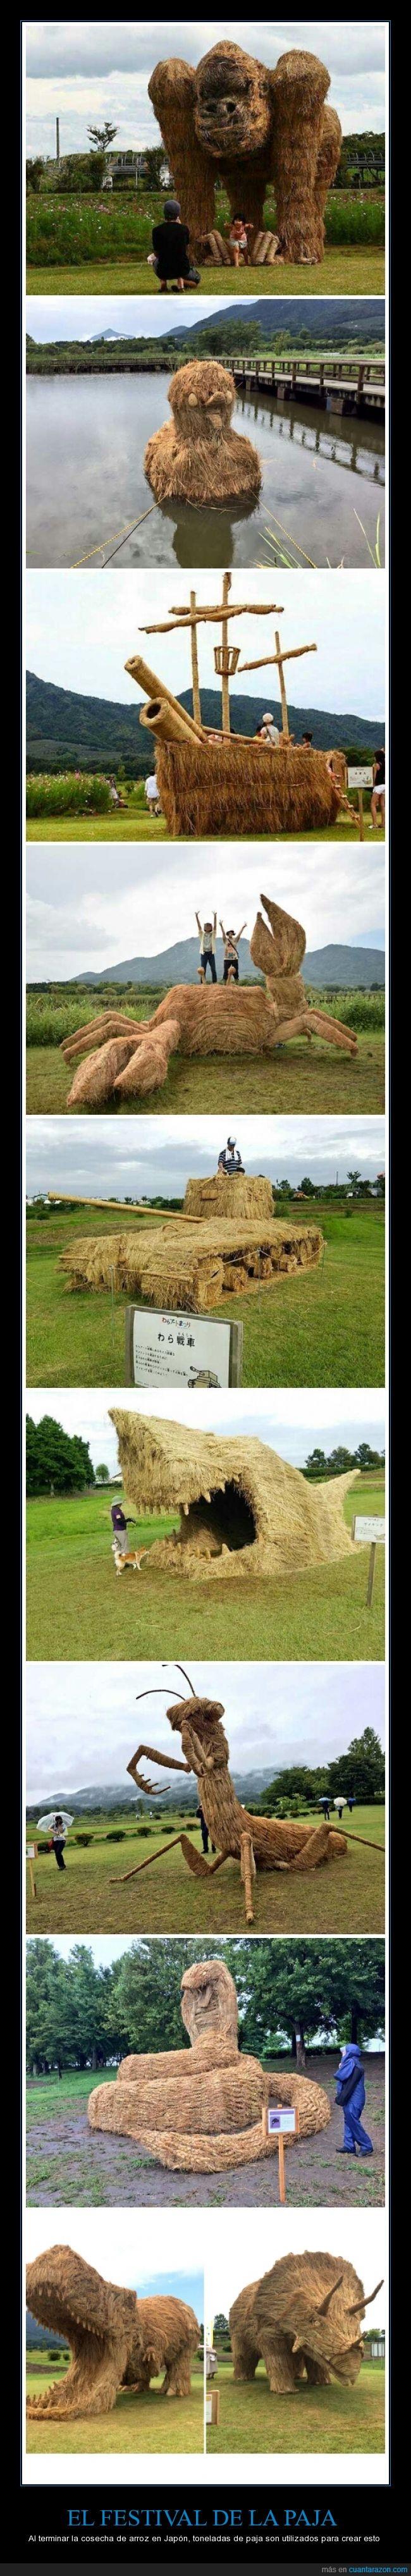 animales,cosecha de arroz,Japón,Paja,septiembre,Wara Art Festival